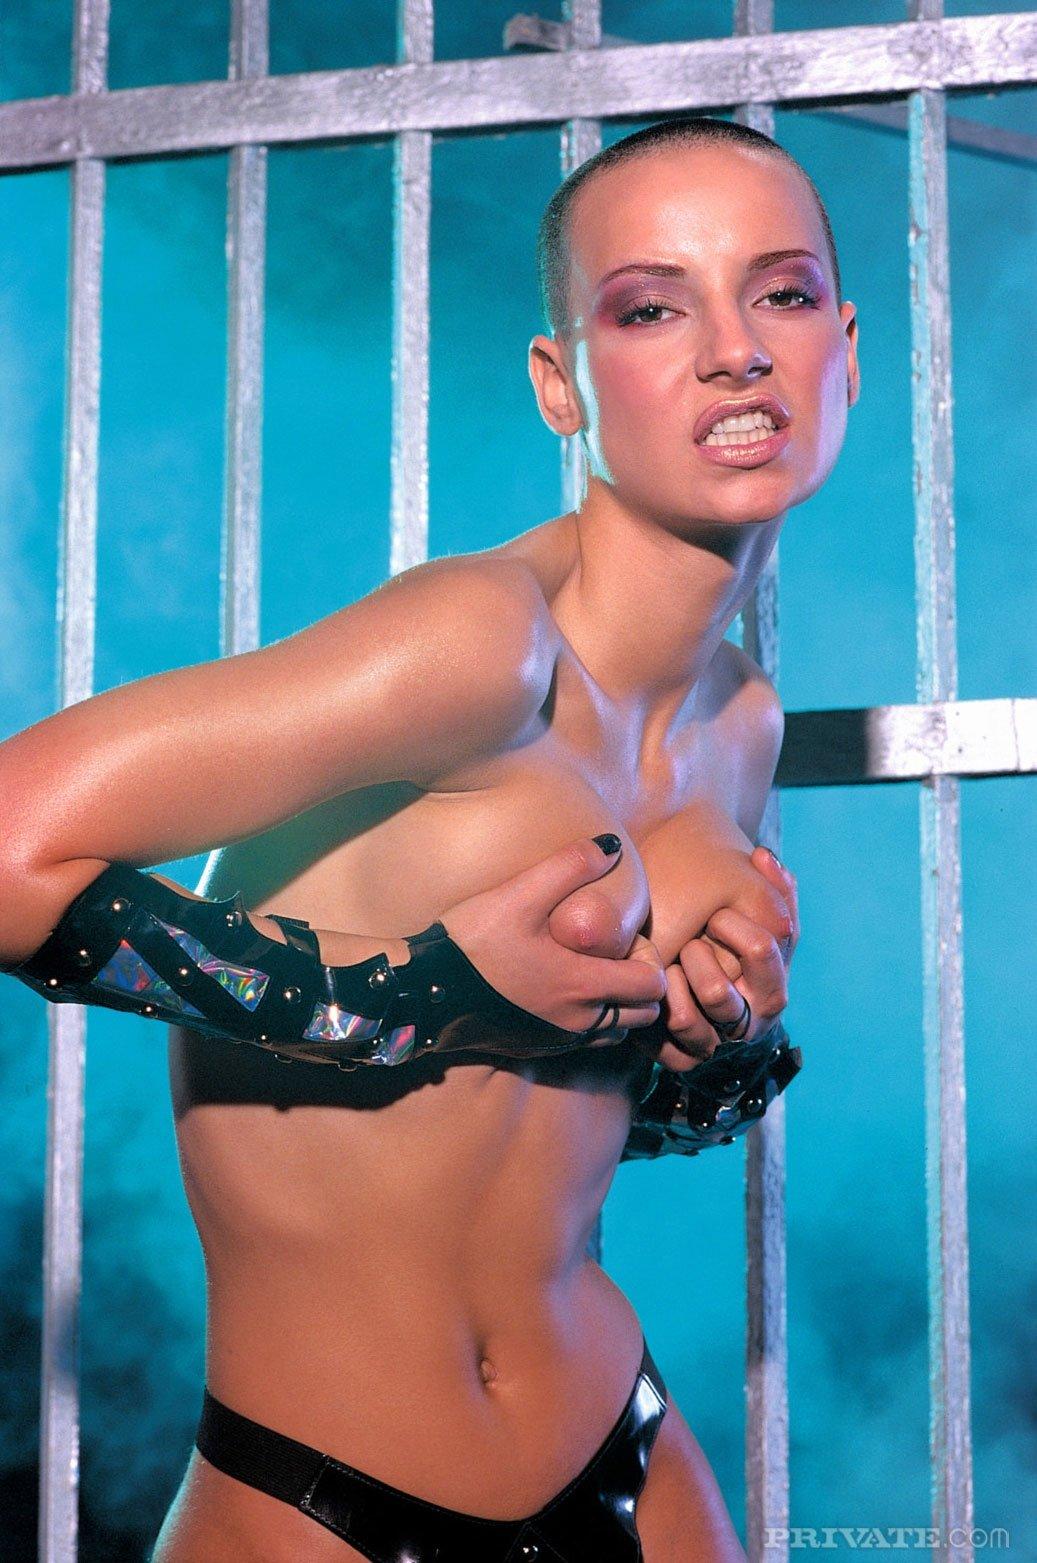 Вчетвером - Порно фото галерея 822338